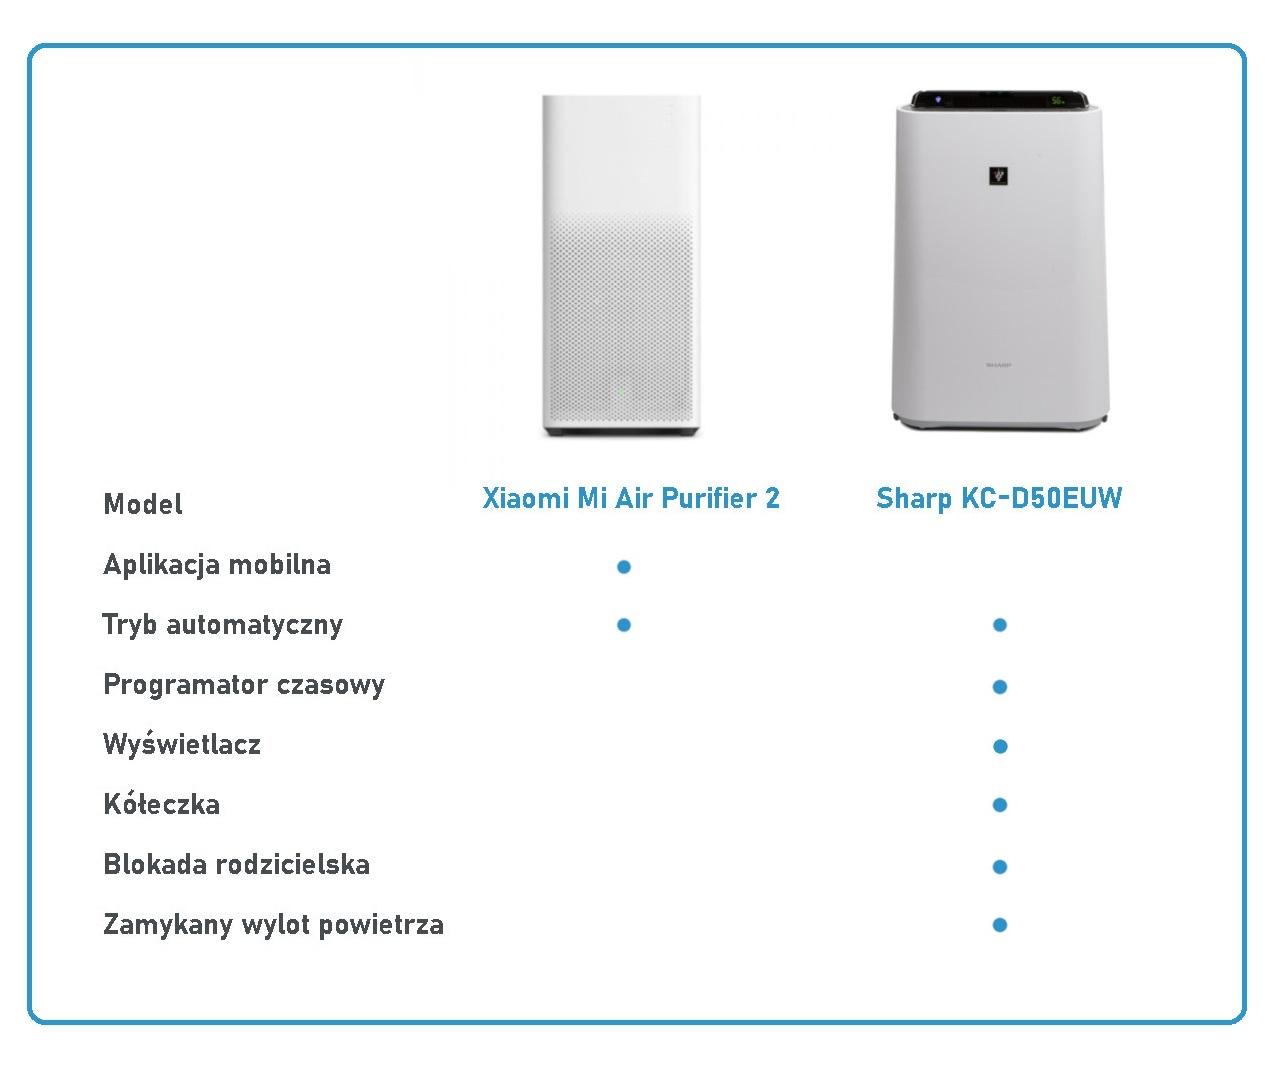 Oczyszczacz Sharp vs Xiaomi - komfort użytkowania